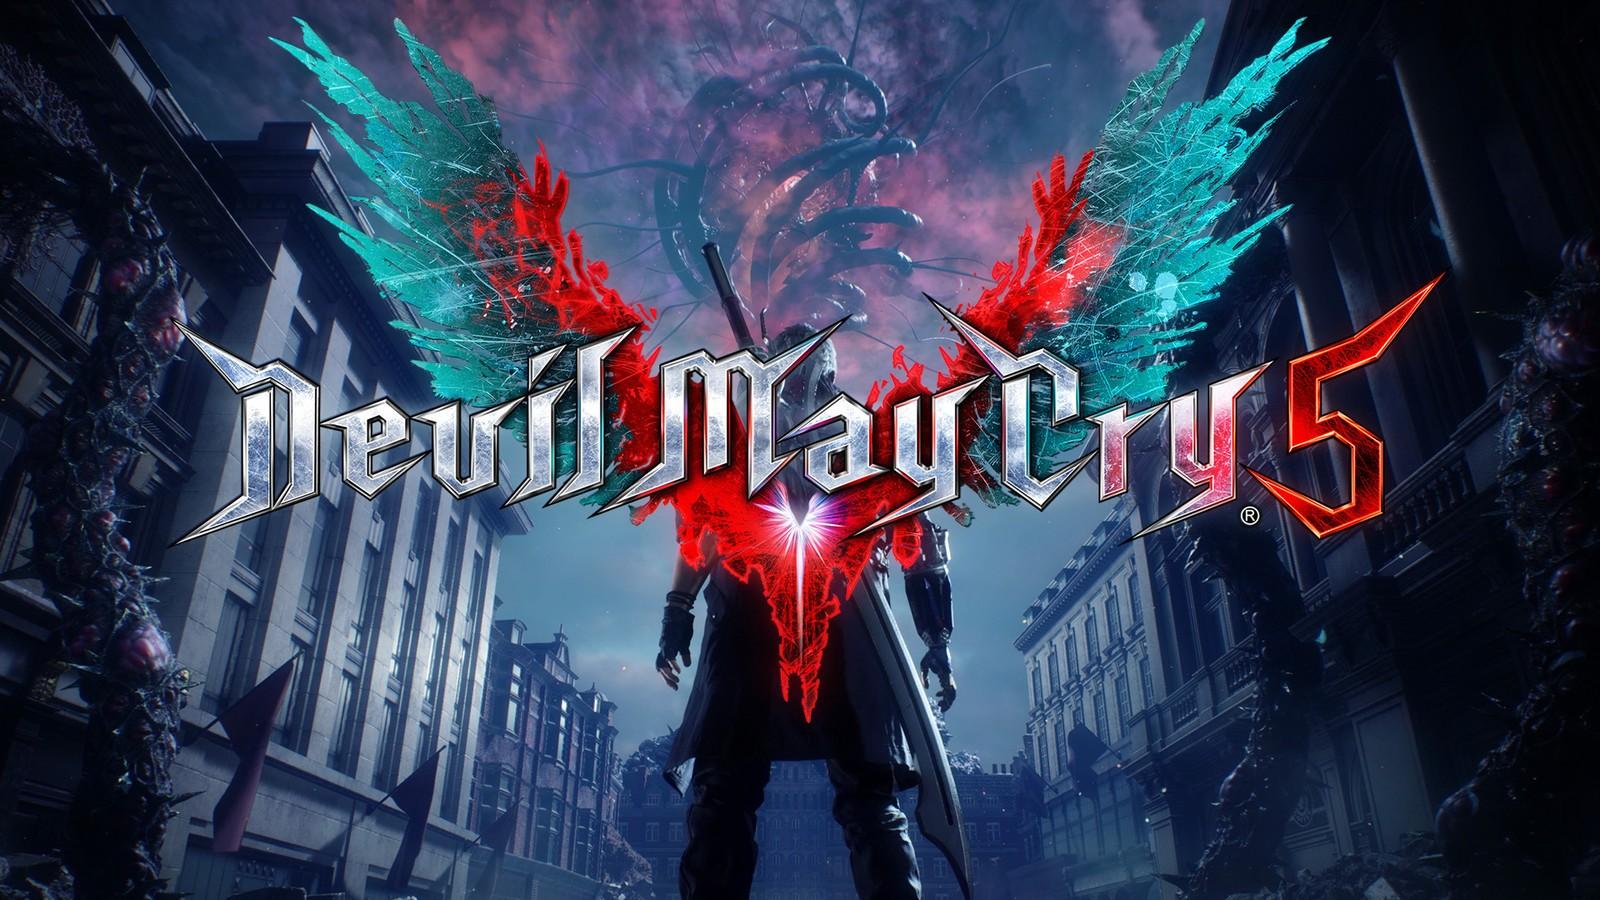 Devil May Cry 5 incluirá microtransacciones que mejoran al personaje